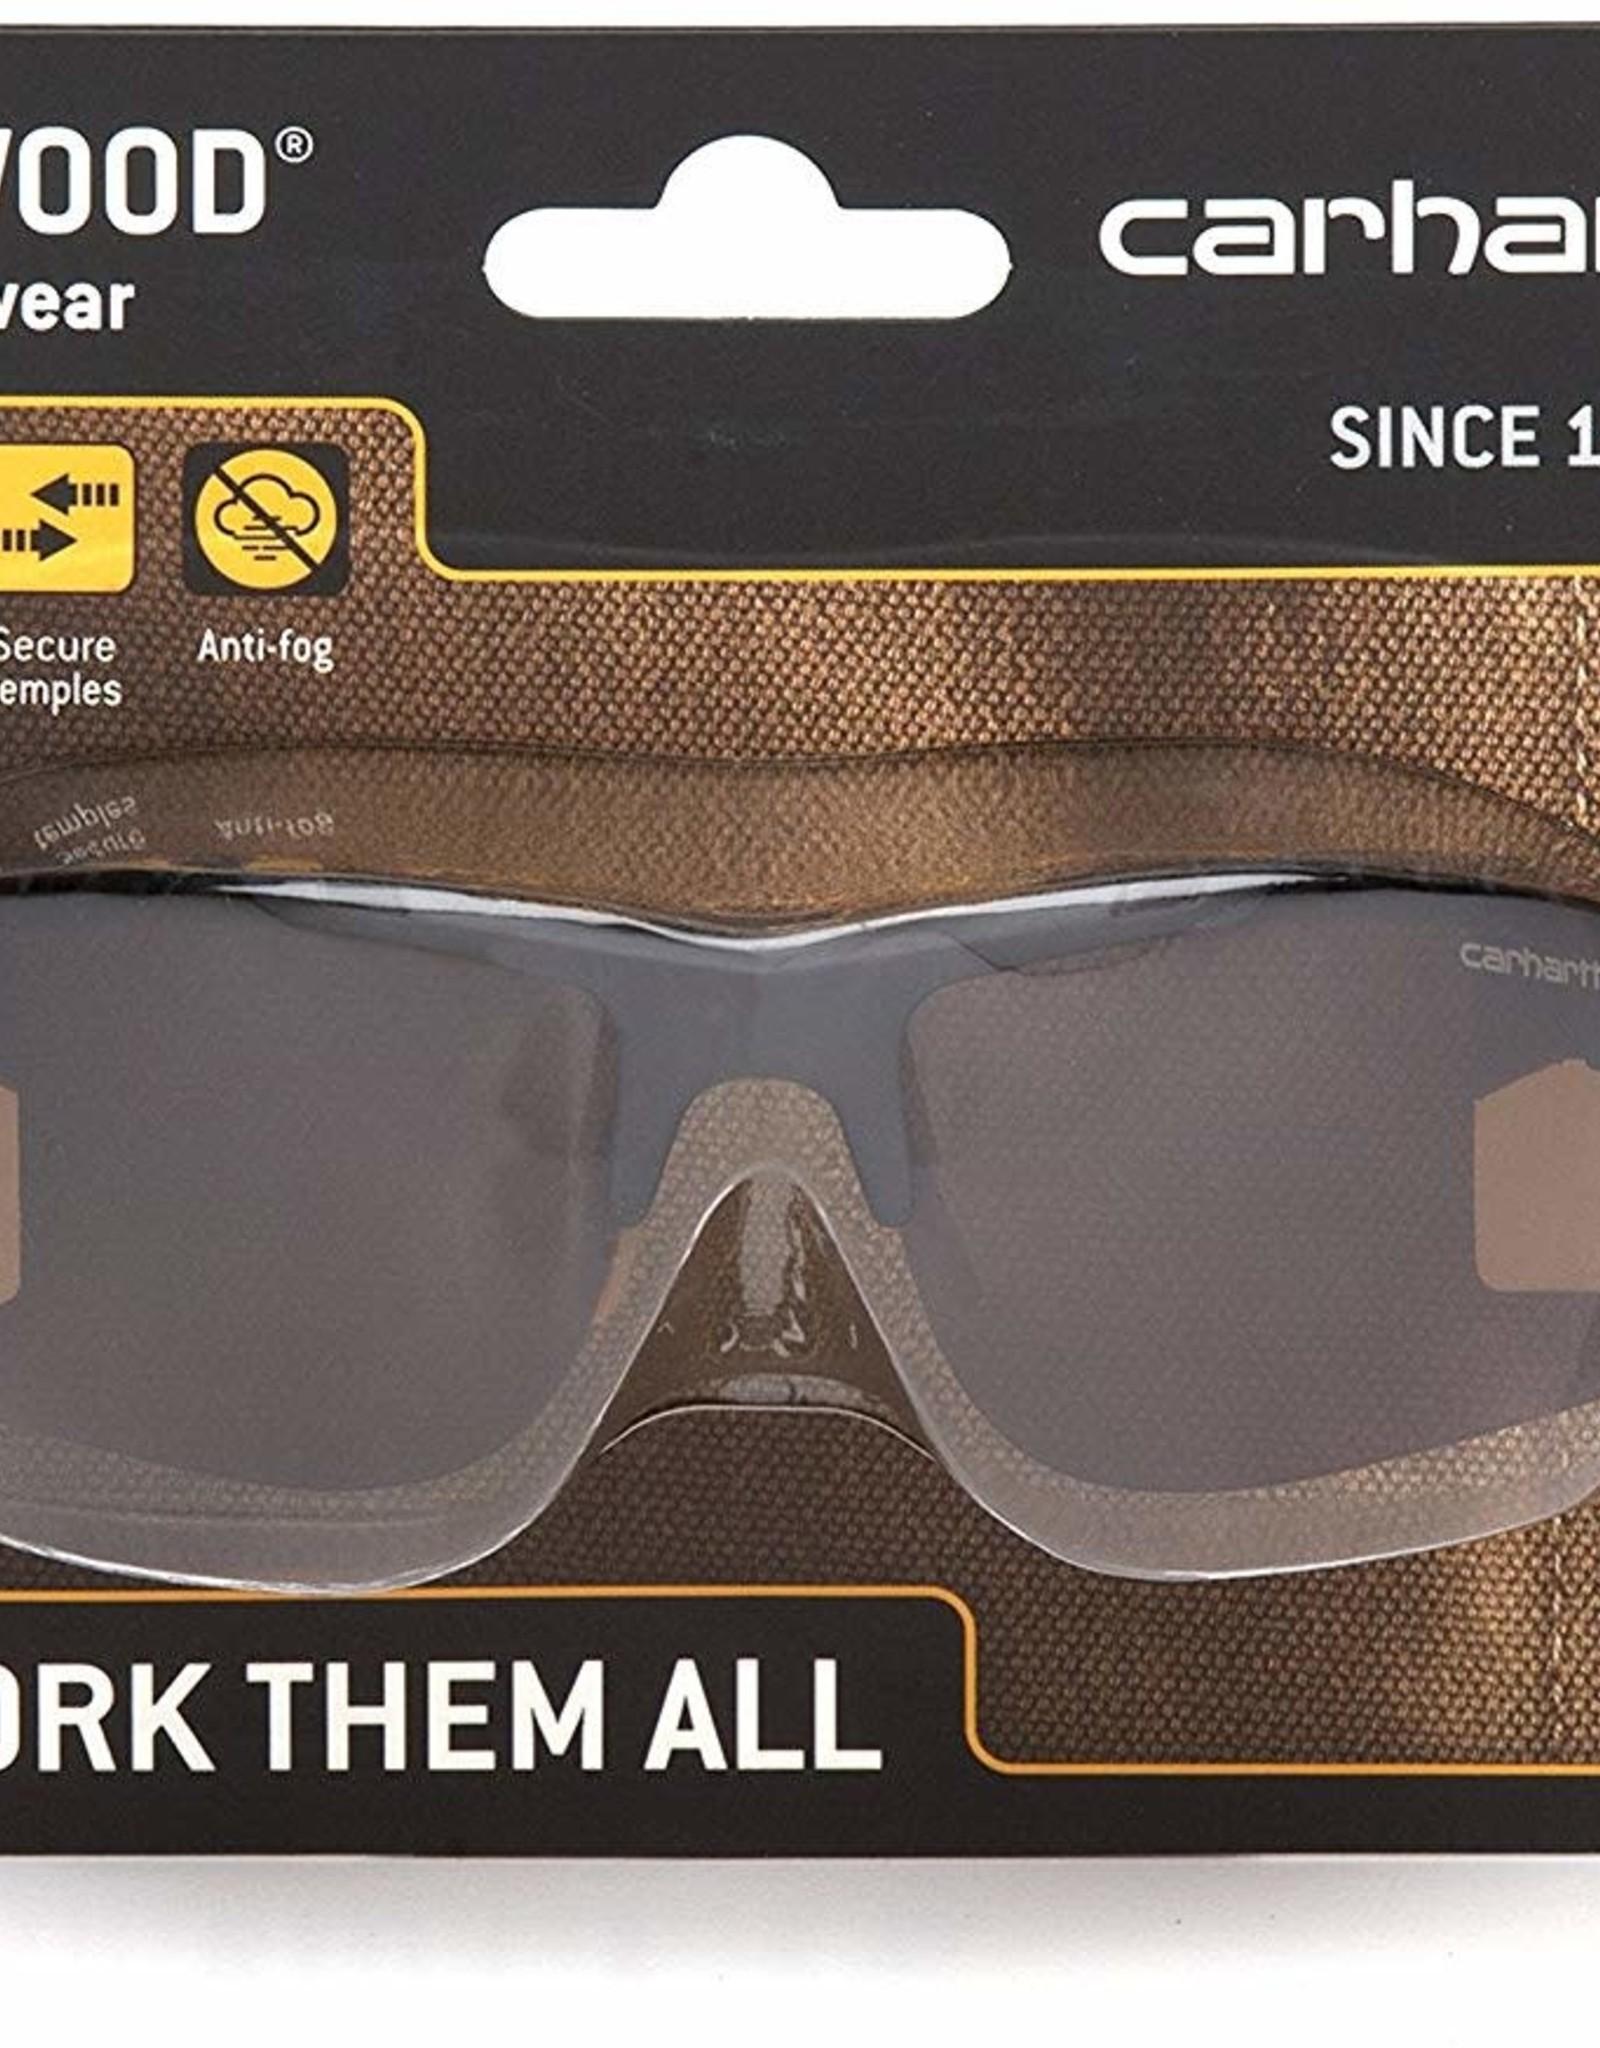 Carhartt Carhartt Rockwood Anti-Fog Safety Glasses Gray Lens Black Frame 1 pc.